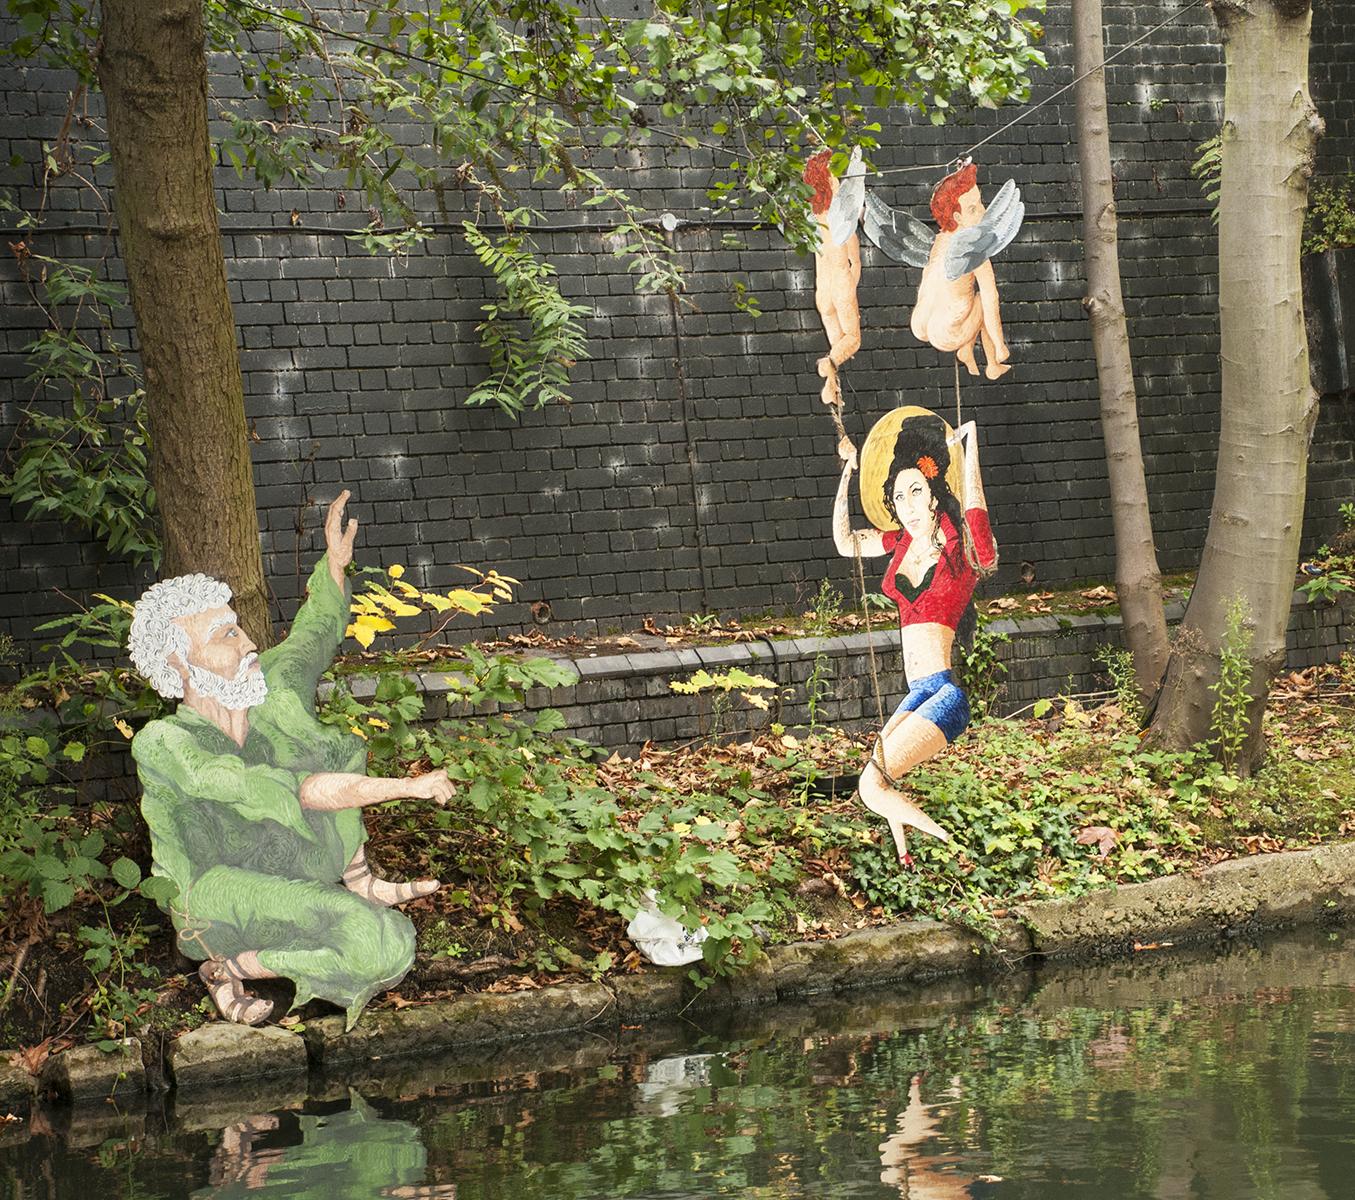 2016-10-18-Camden_Regents-Canal_Autumn_Detail-Amy